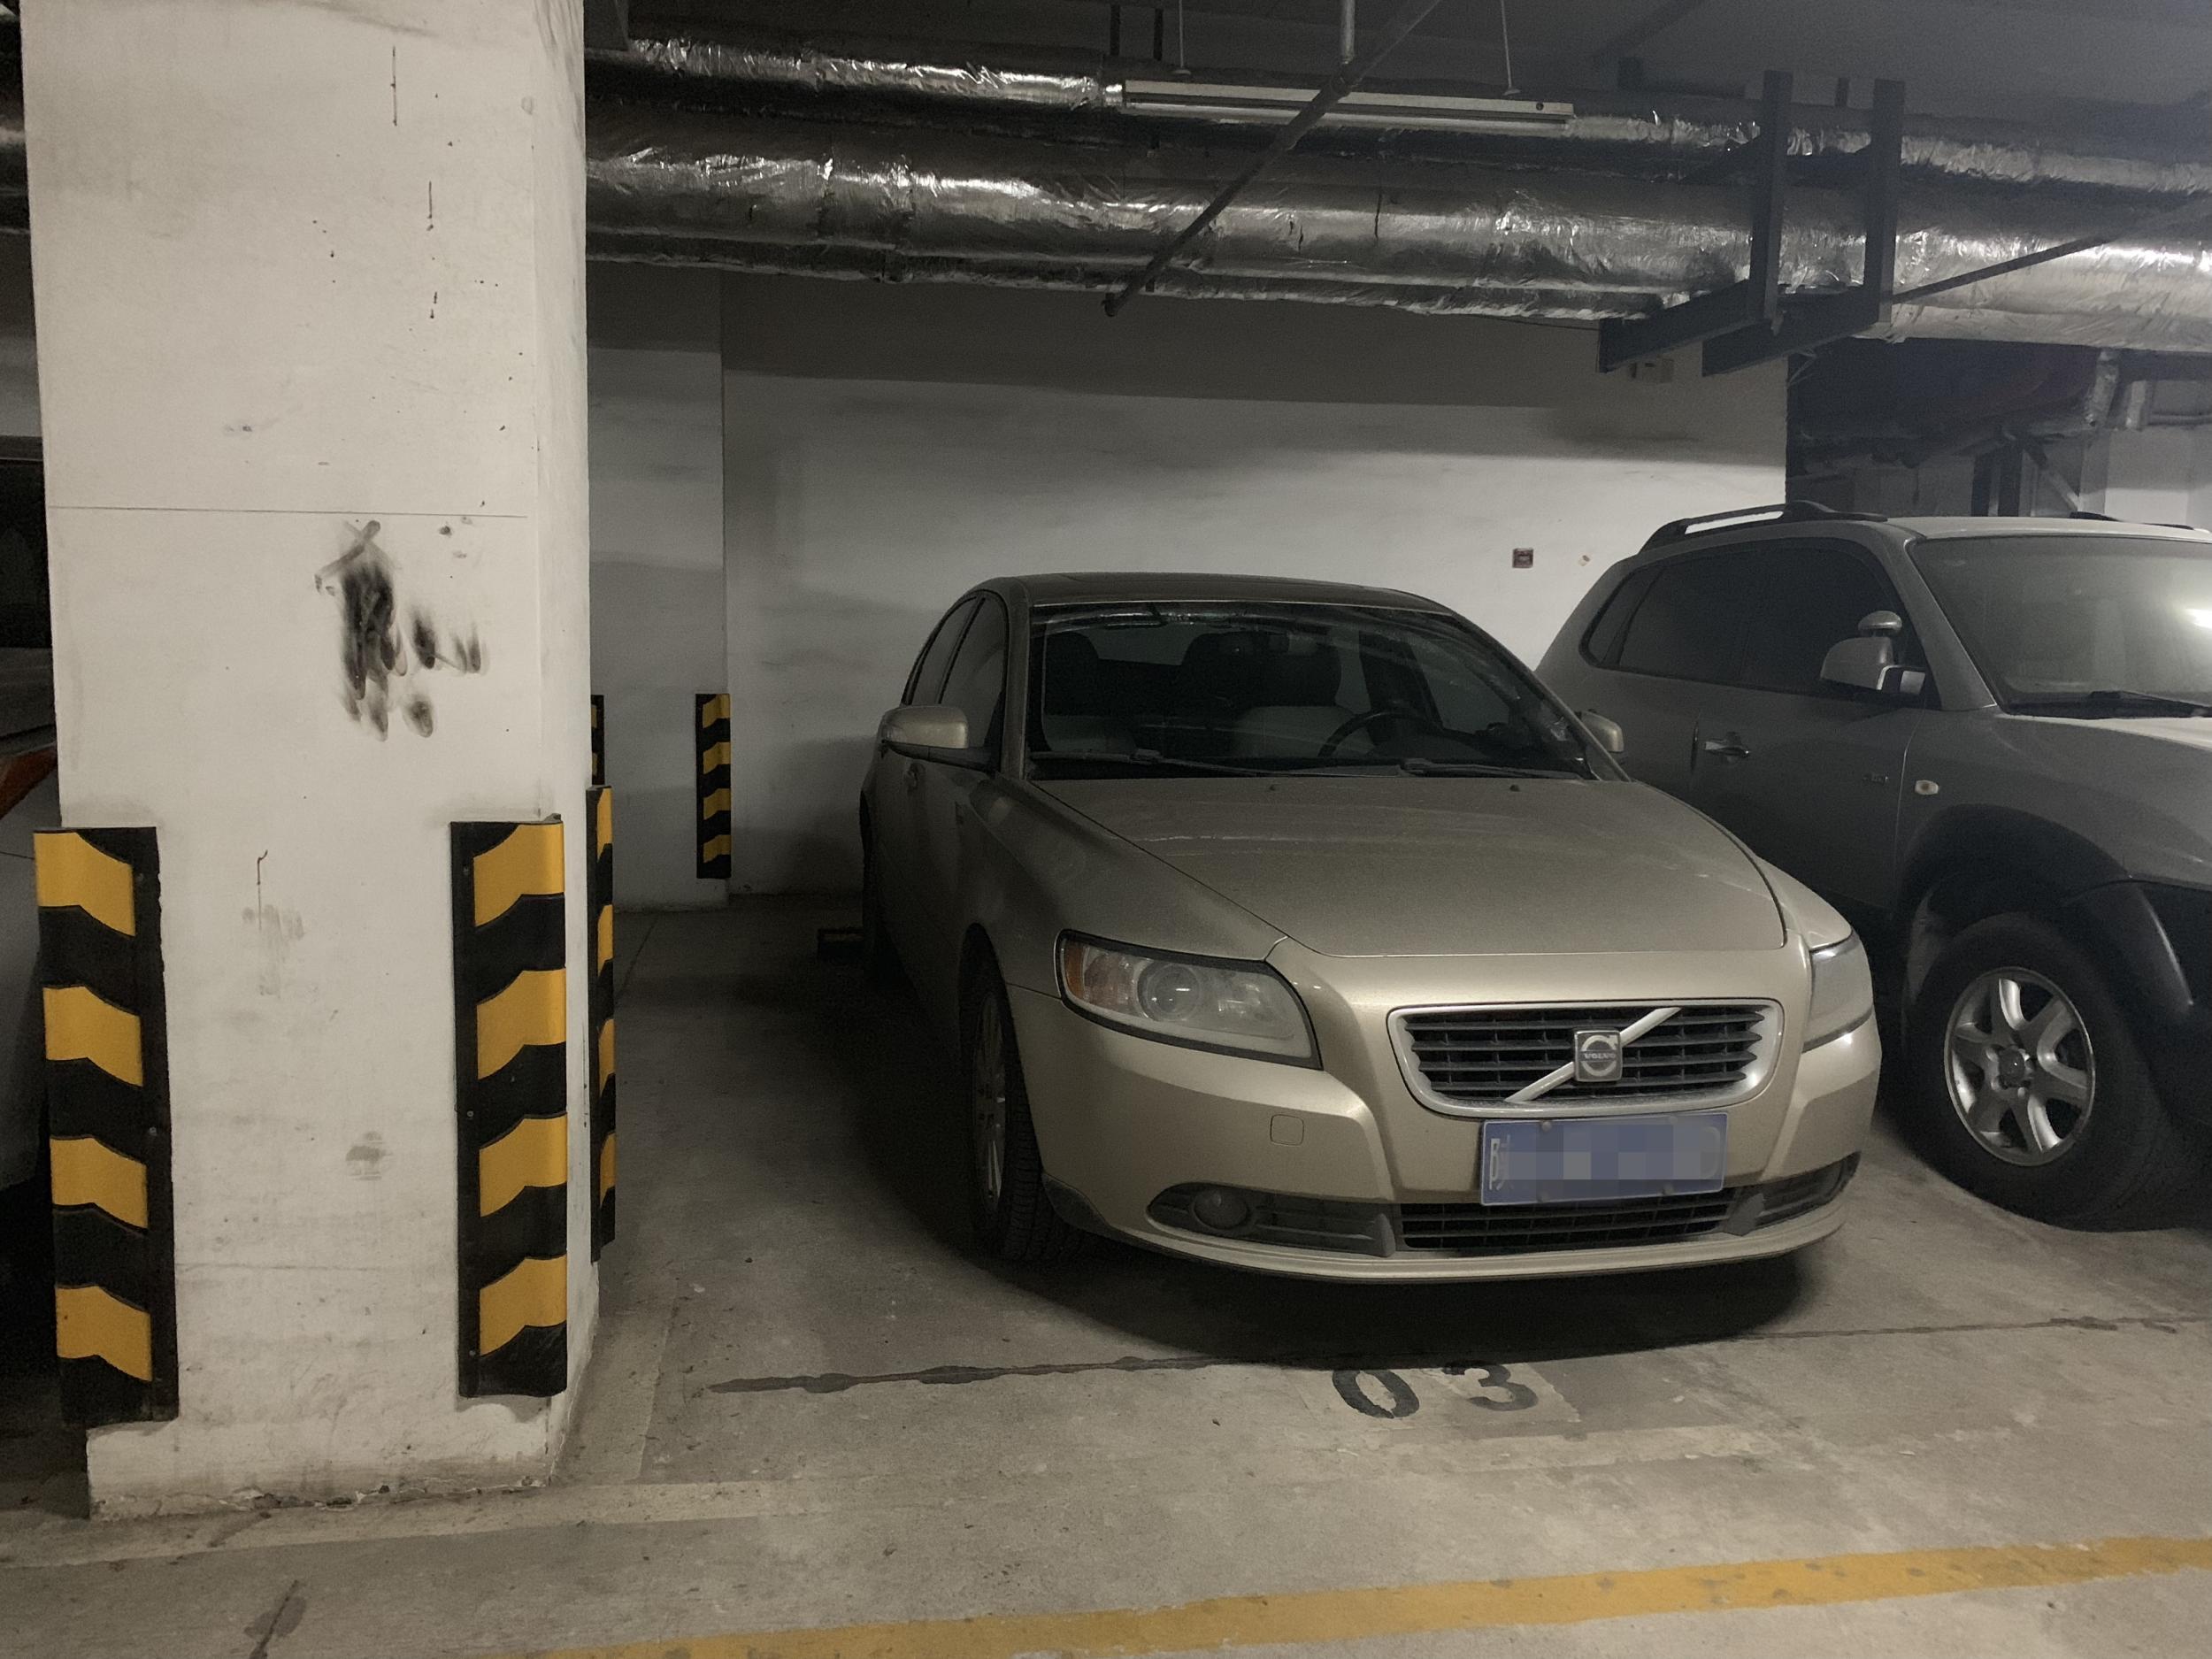 公共停车位常被私占 义乌鹏城小区住户:找个车位咋这么难